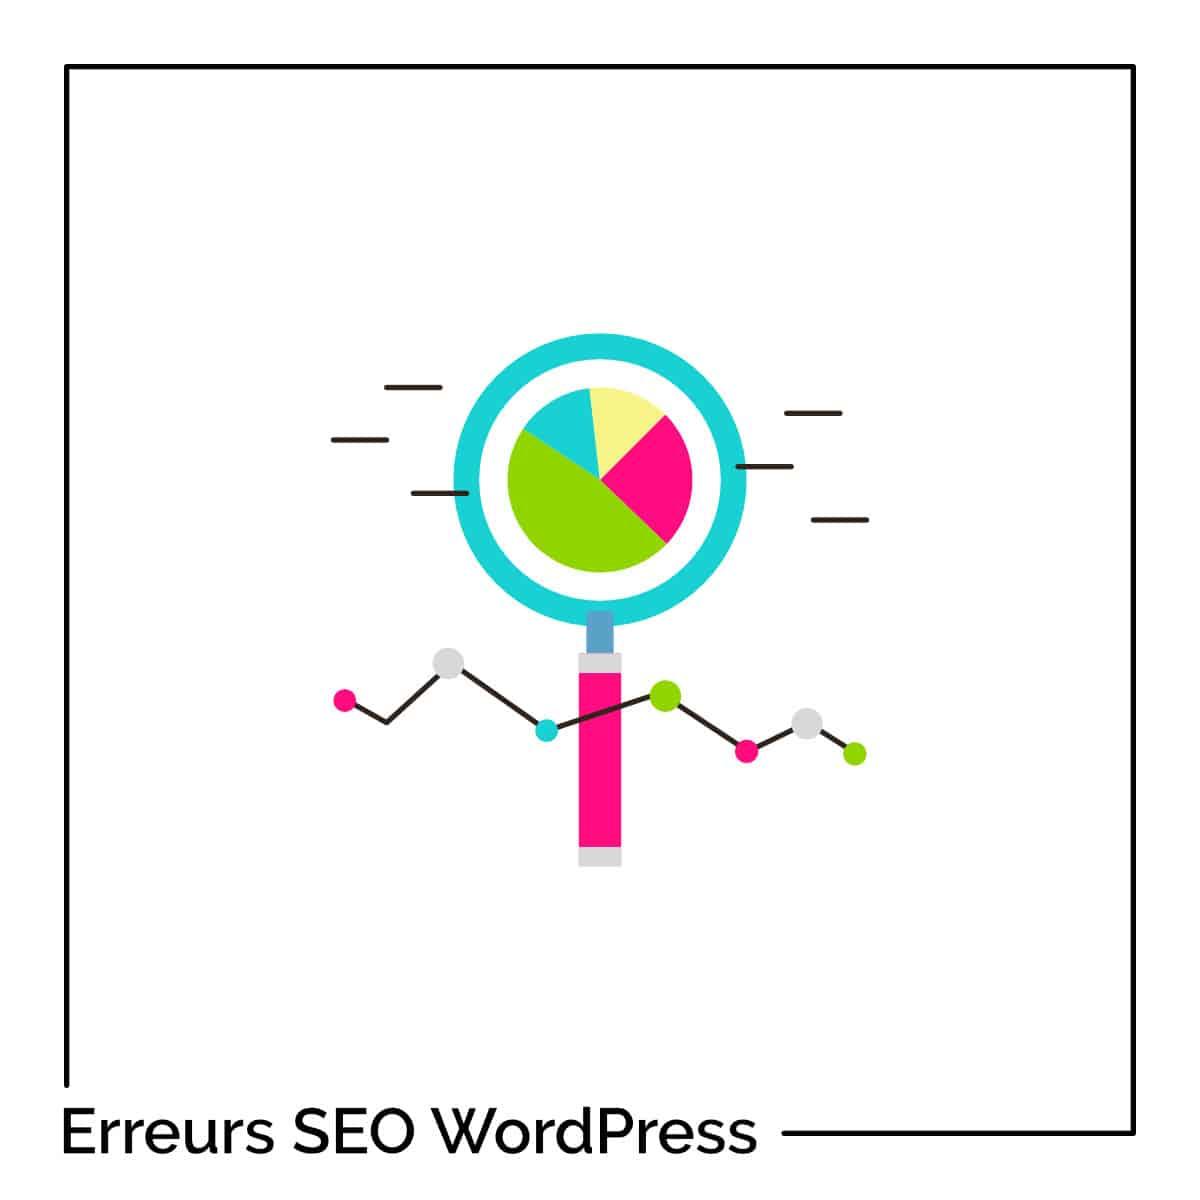 Le Top 30 des erreurs SEO WordPress : comment les éviter ?